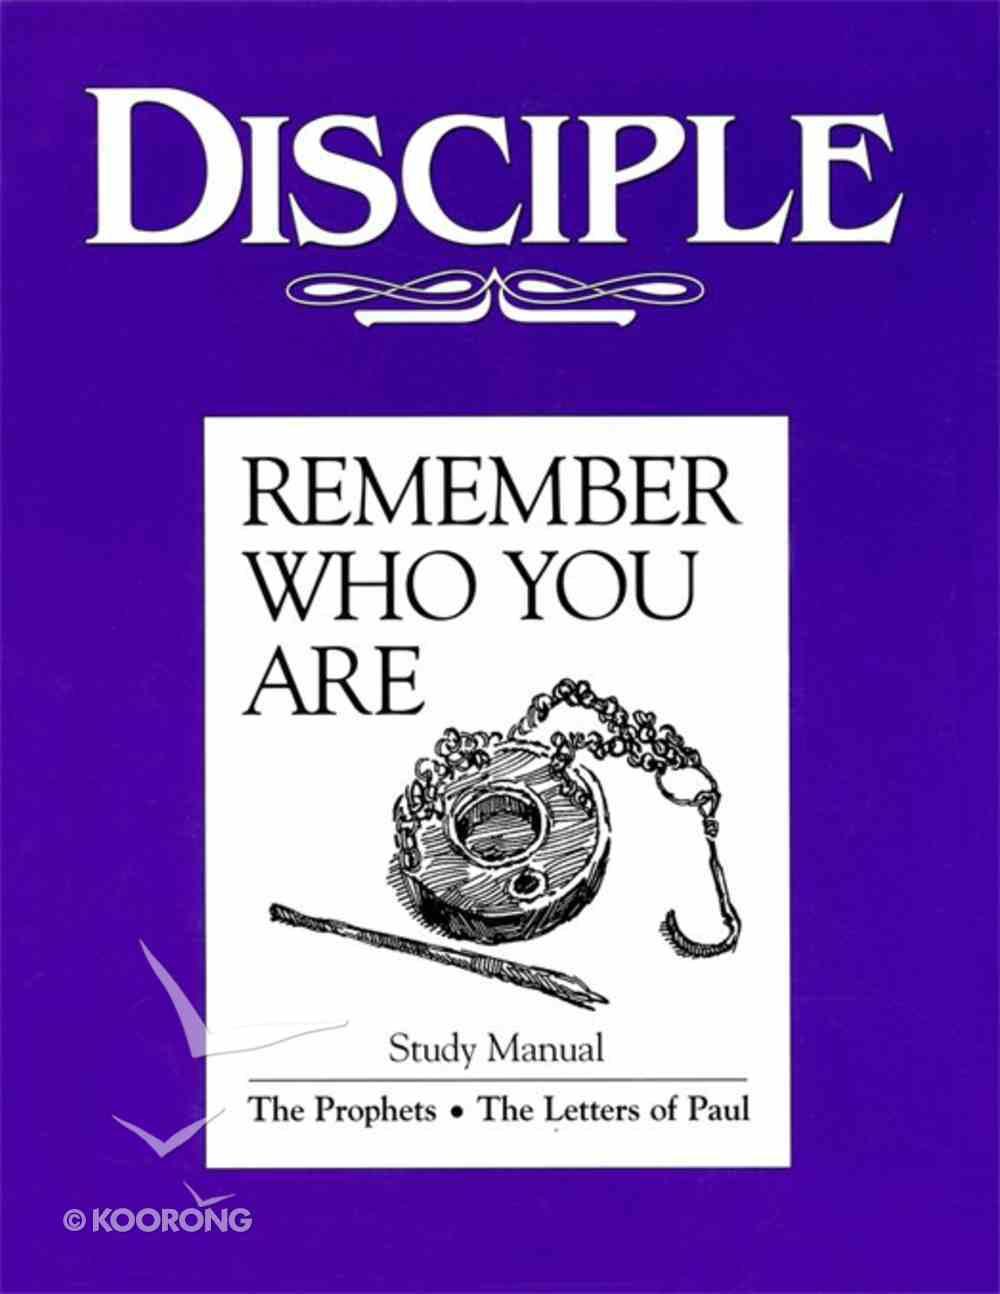 Disciple (Vol 3 Study Manual) eBook